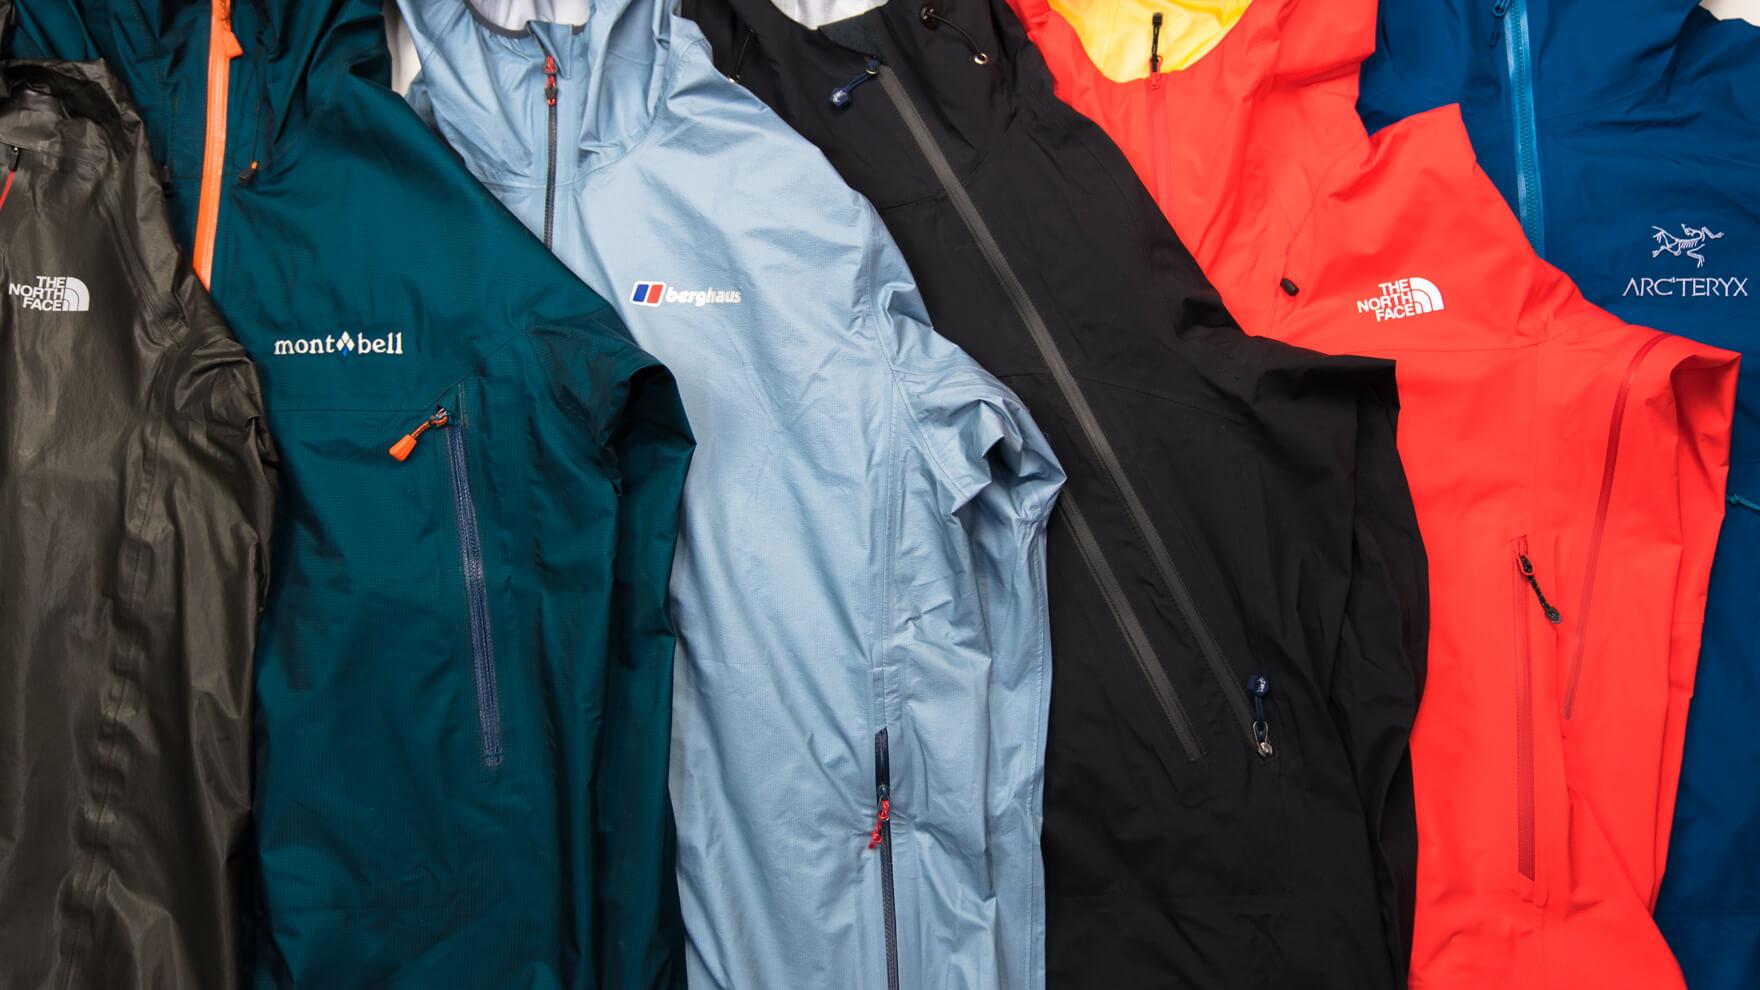 今年の梅雨はこの一着で乗り切ろう。注目のアウトドア向けレインウェア 2019